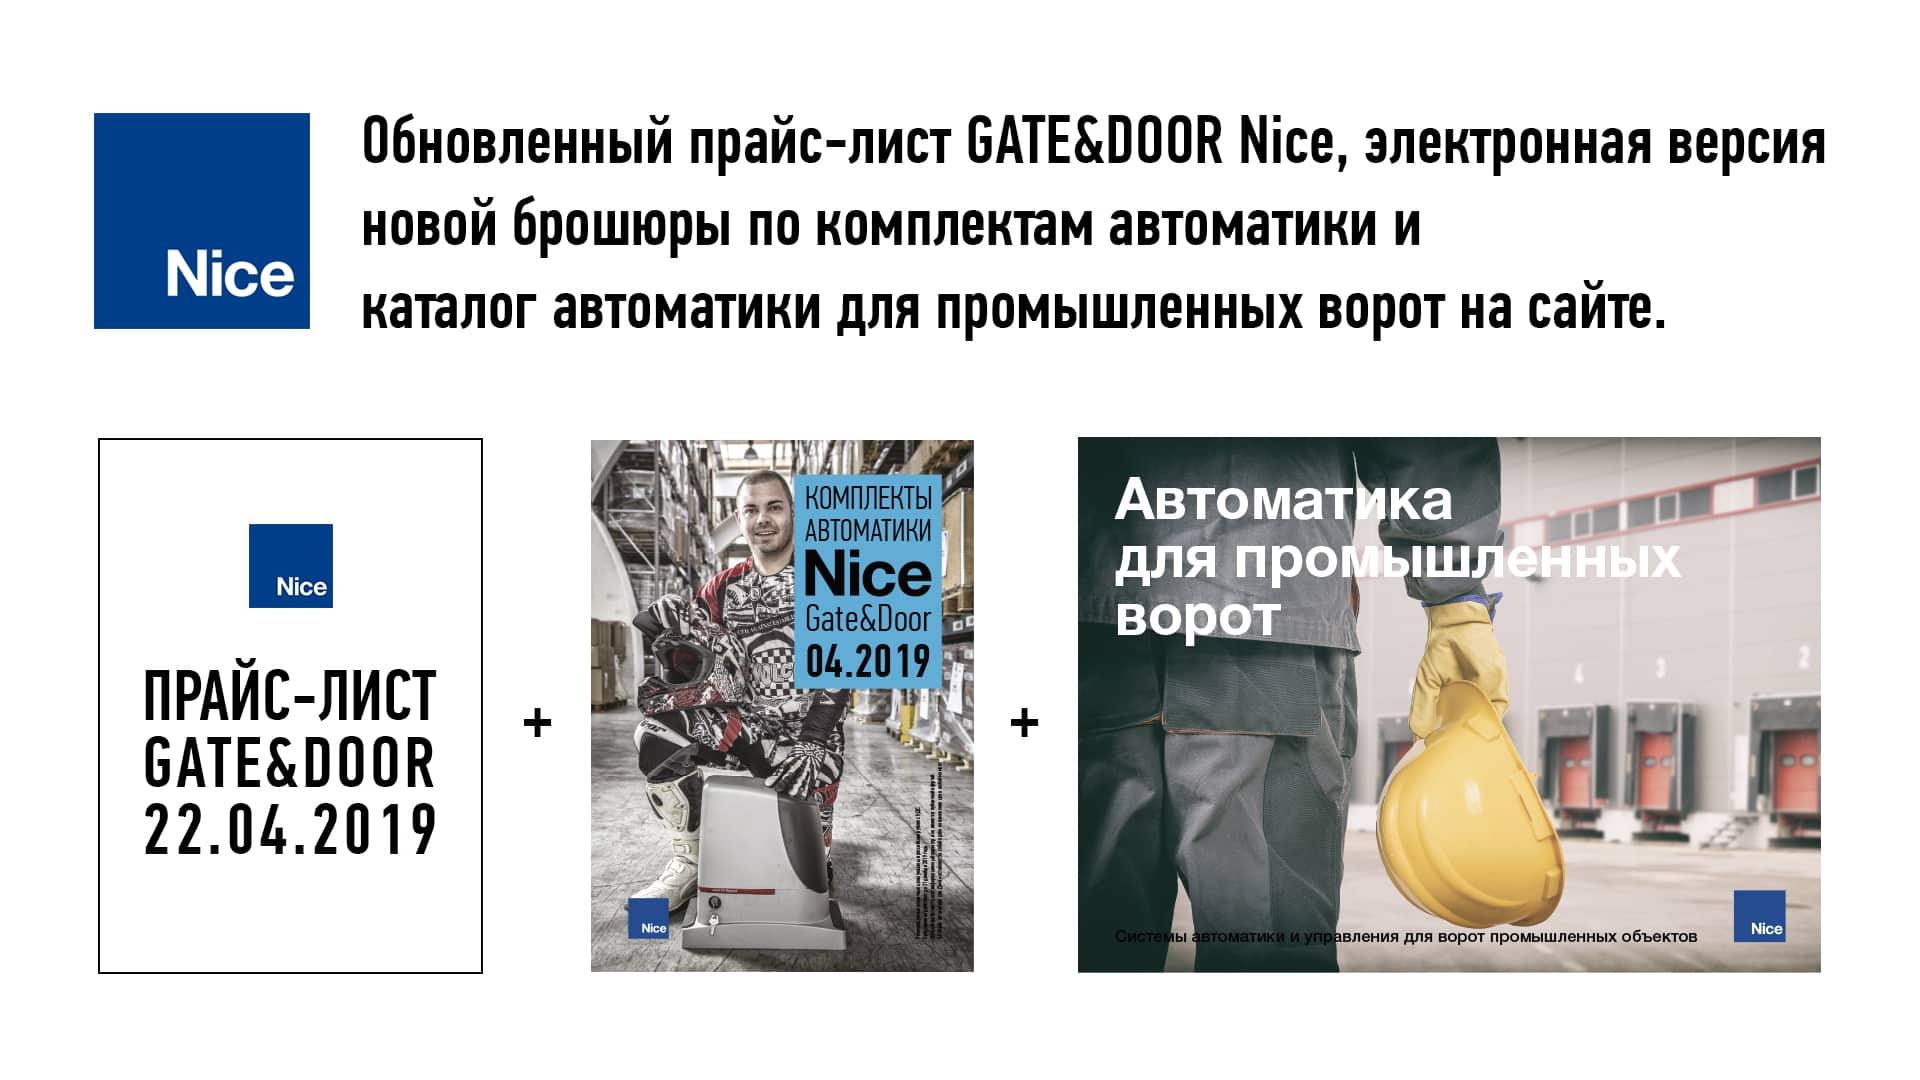 Обновленный прайс-лист GATE&DOOR Nice, электронная версия новой брошюры по комплектам автоматики и Каталог автоматики для промышленных ворот на сайте!!!